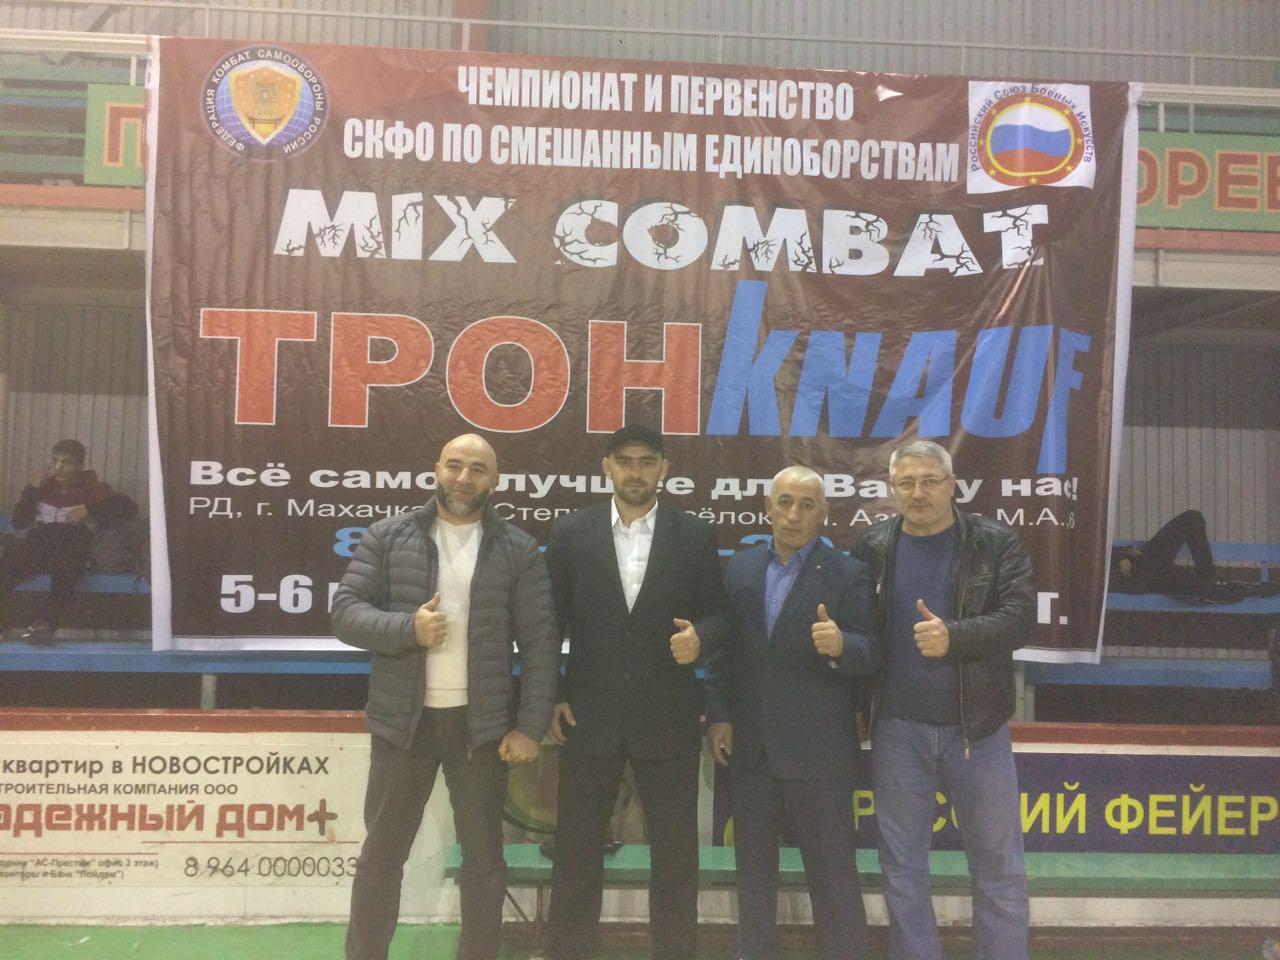 http://combatsd.ru/images/upload/IMG-20161206-WA0035.jpg